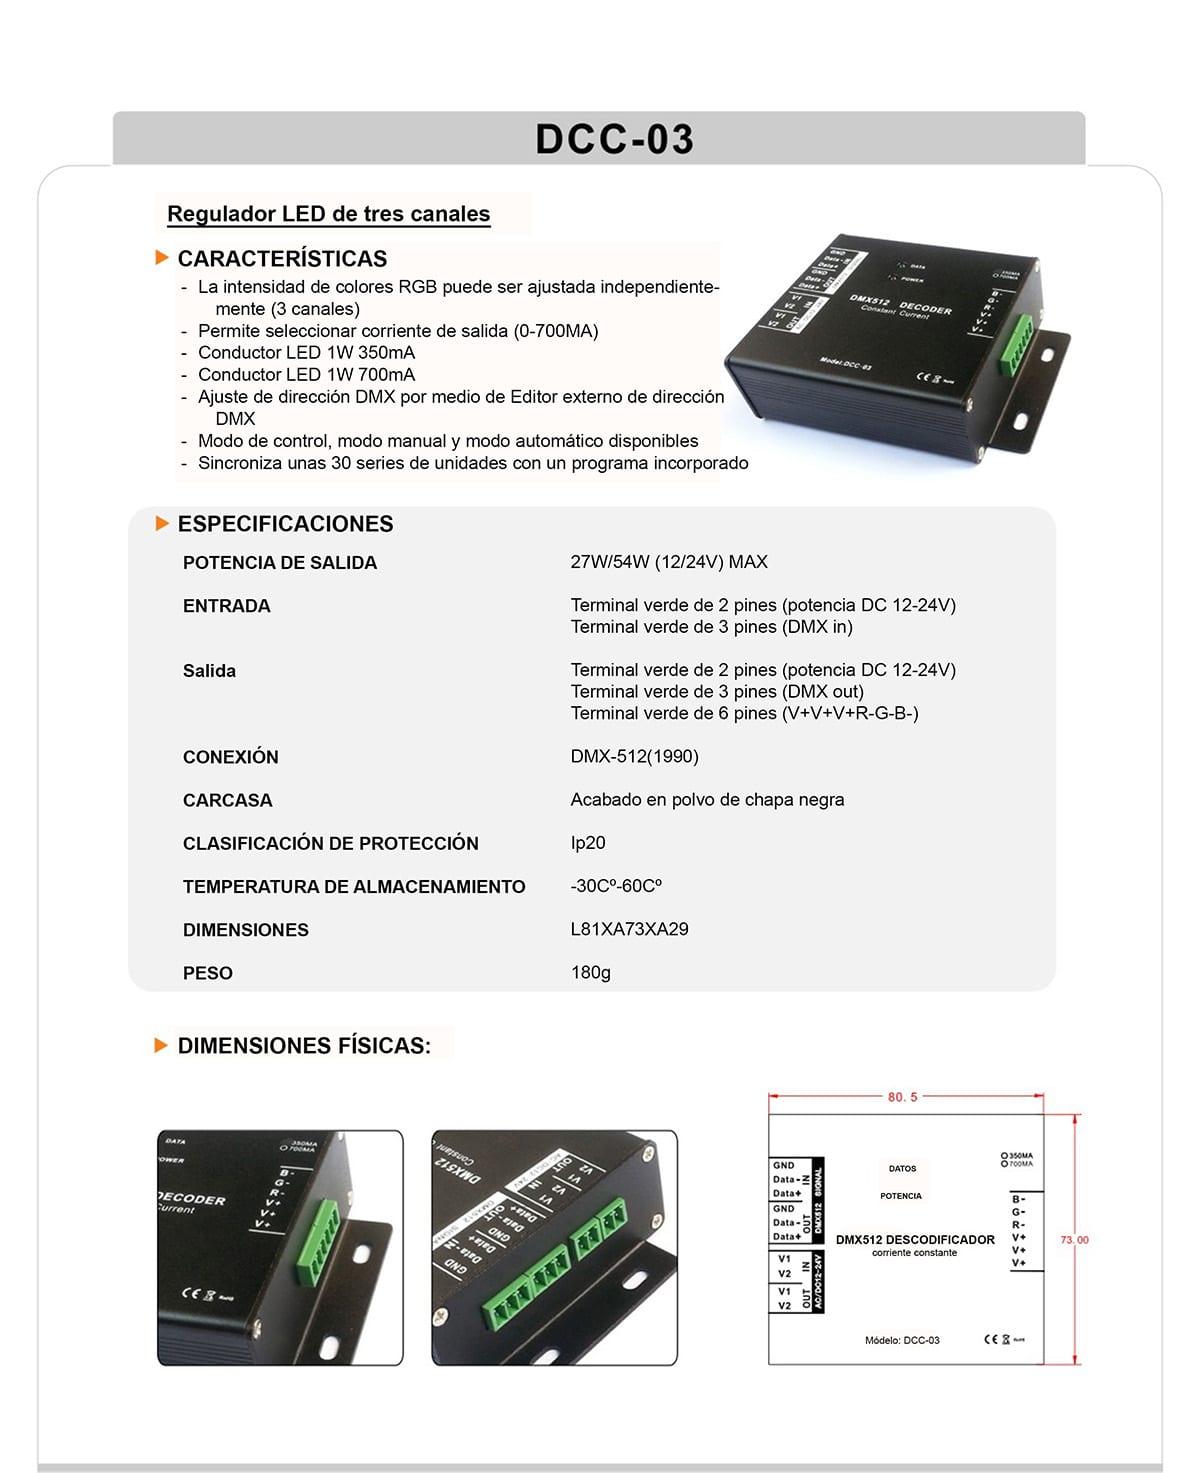 DCC-03